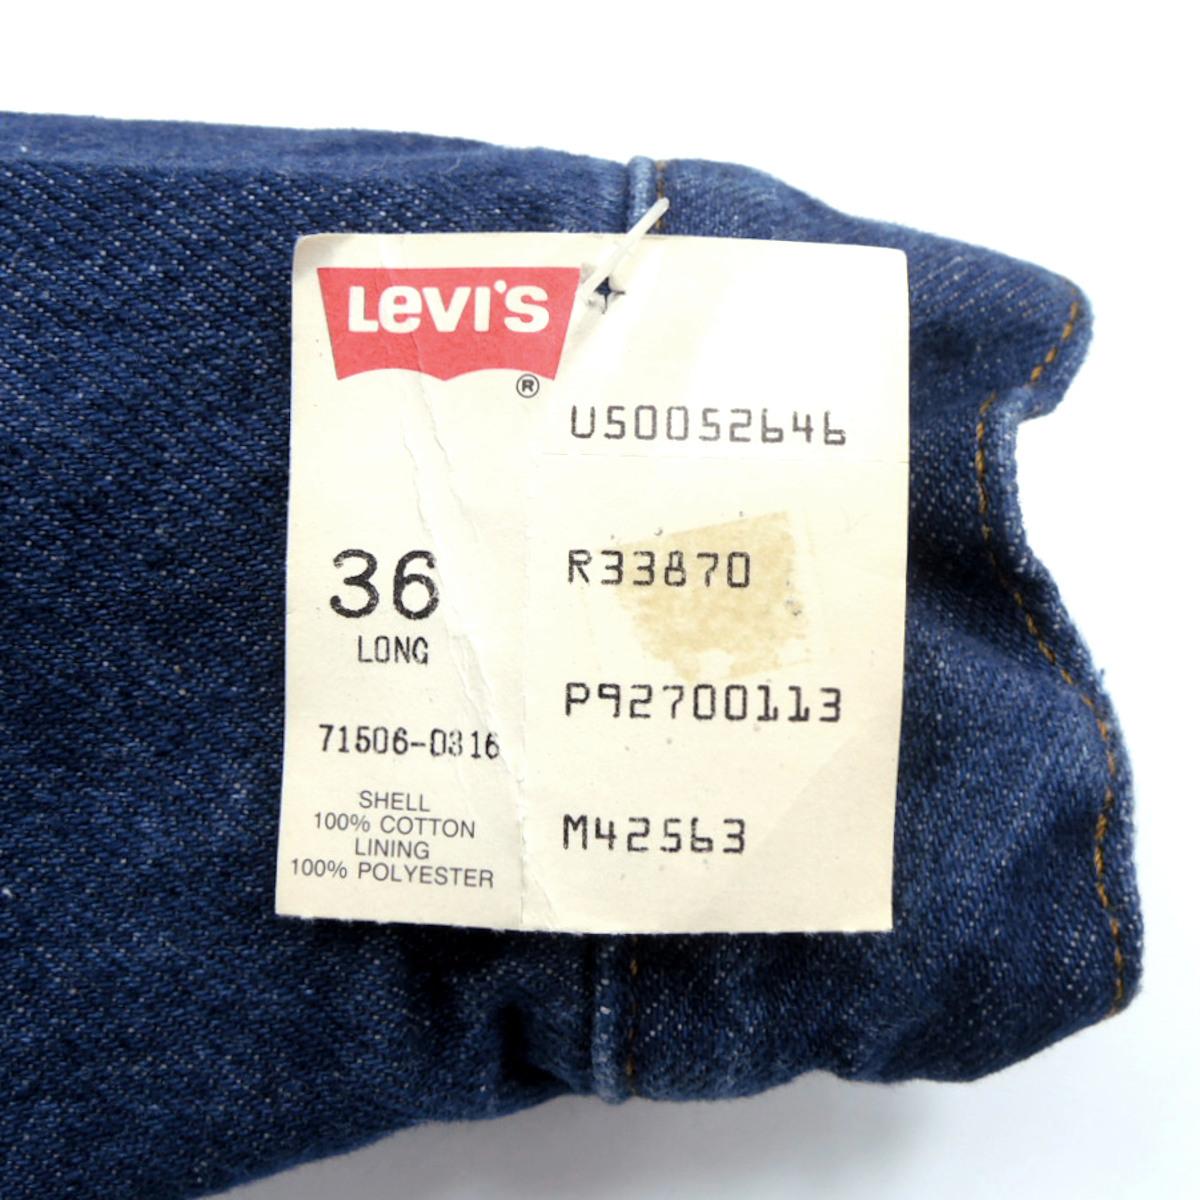 ☆送料無料☆ デッドストック 80s ビンテージ LEVIS リーバイス 71506 USA製 デニム ジャケット Gジャン ジージャン ブランケット 古着_画像6